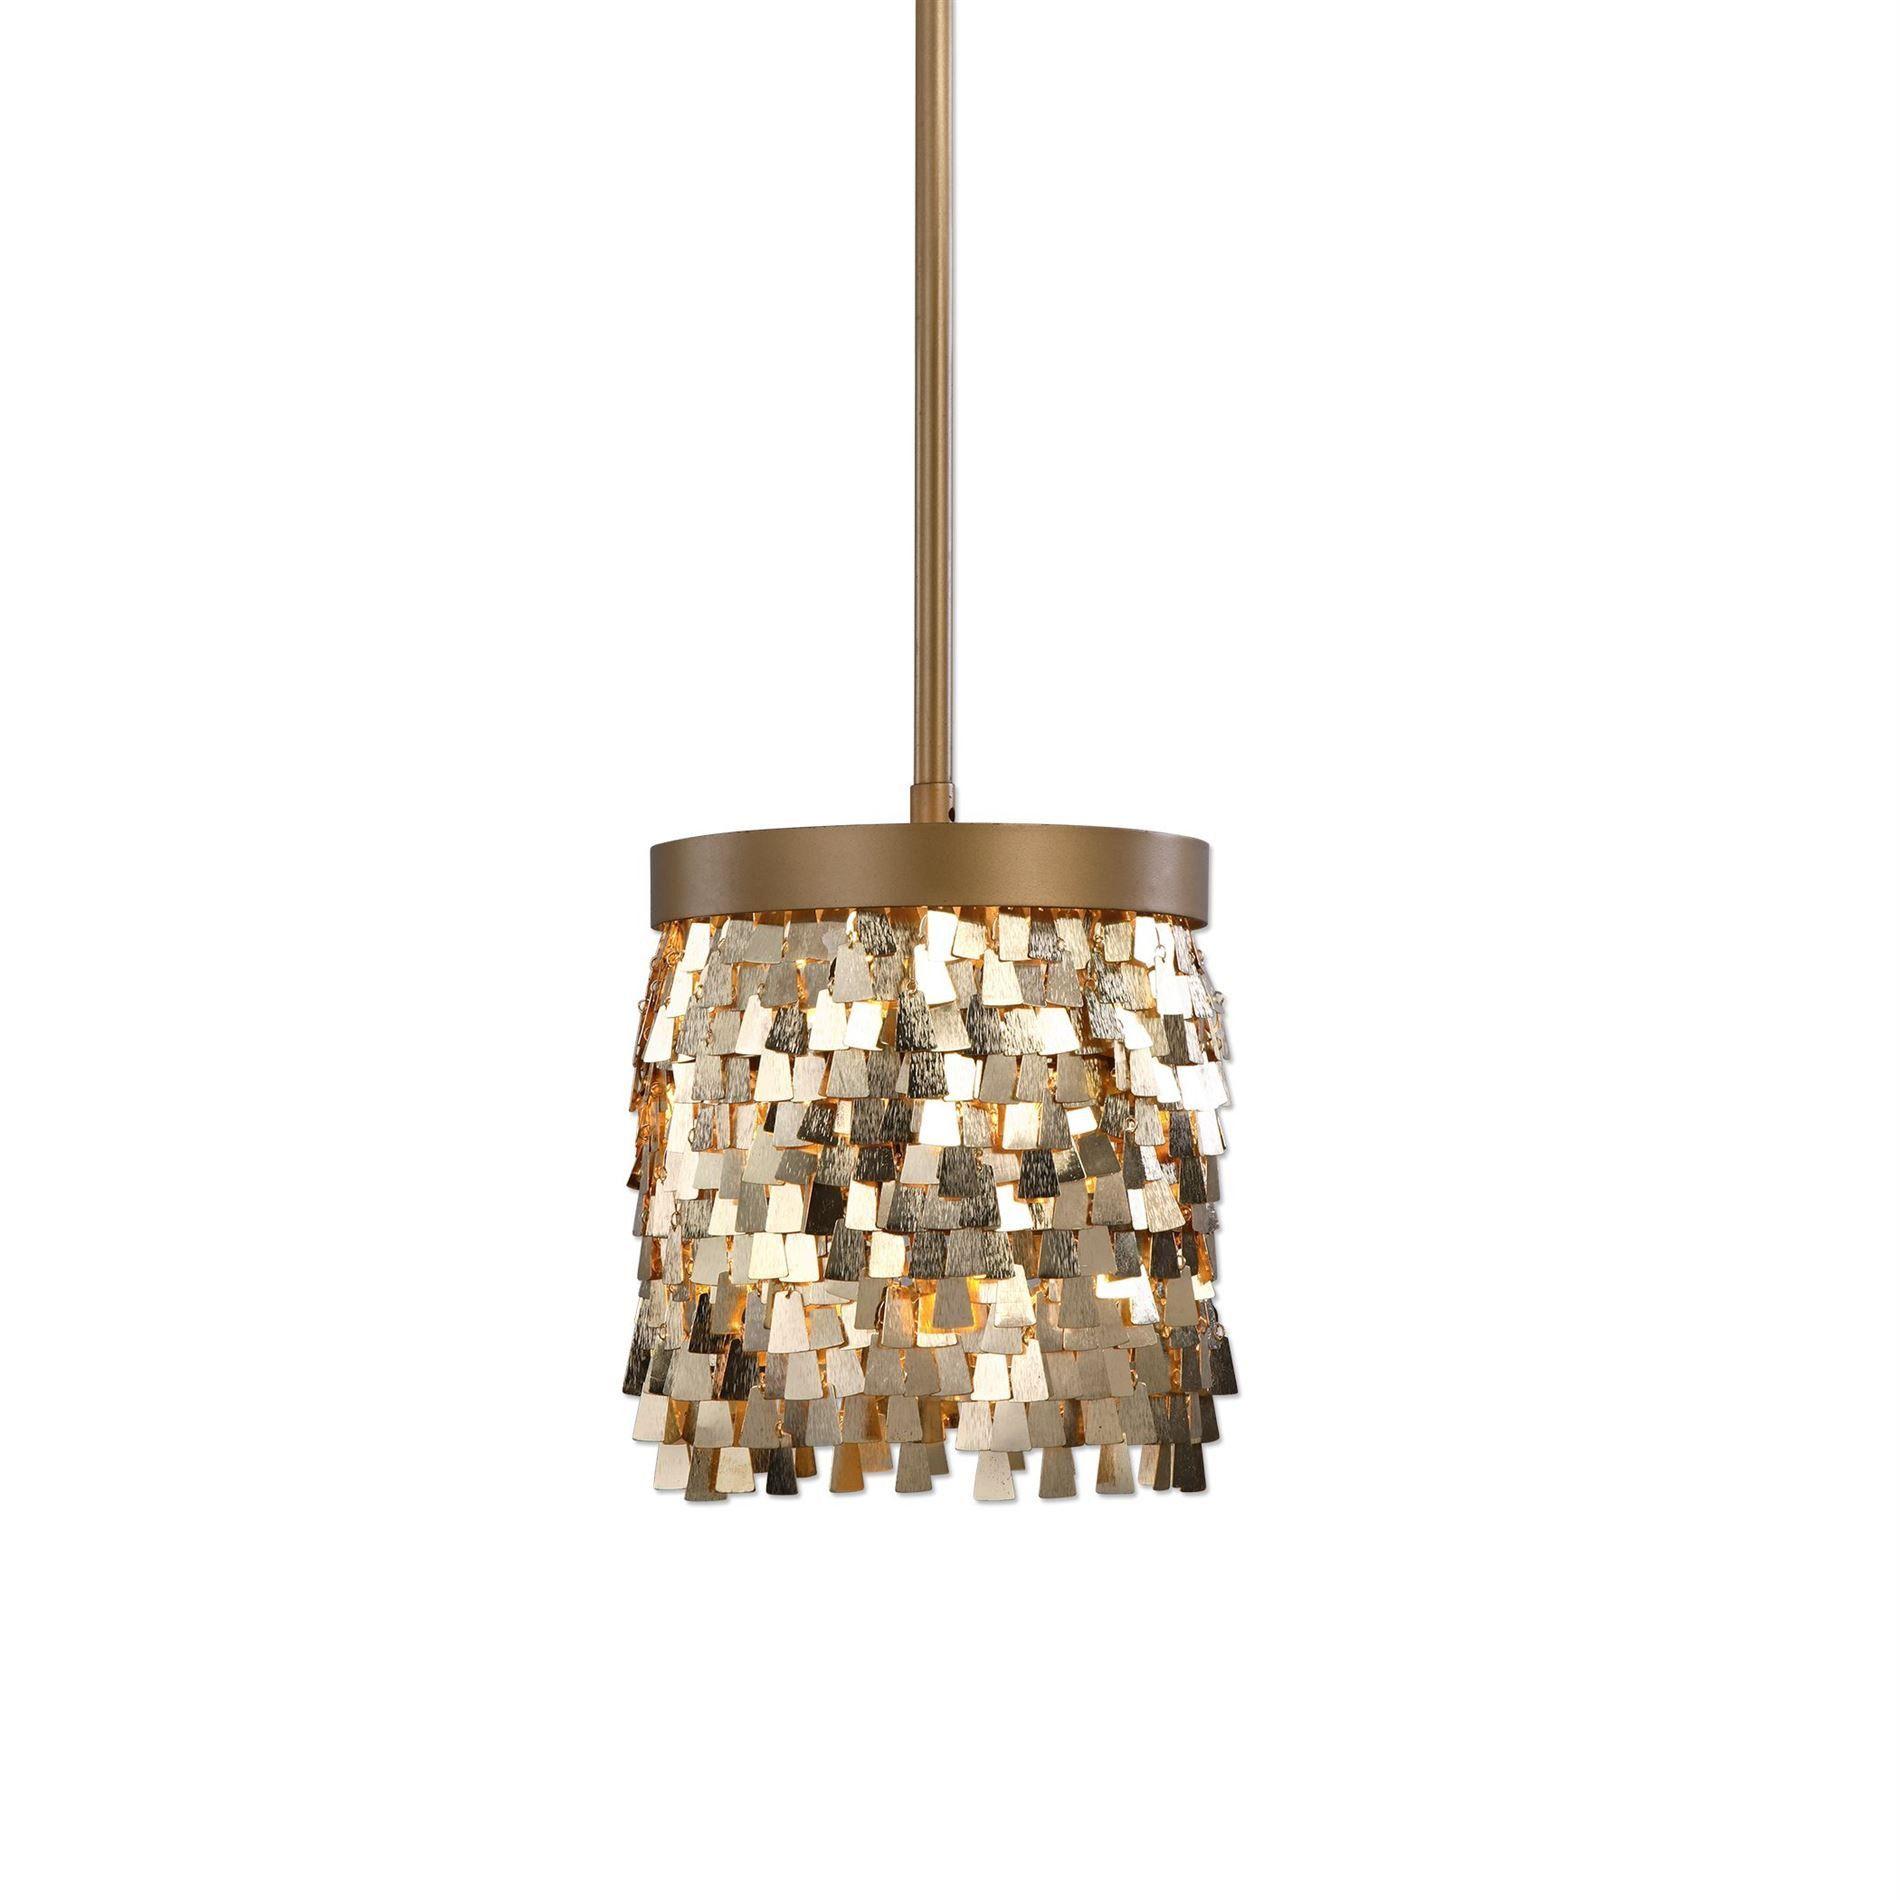 Tillie gold 1 light mini pendant lighting fixture by uttermost tillie gold 1 light mini pendant lighting fixture by uttermost arubaitofo Gallery